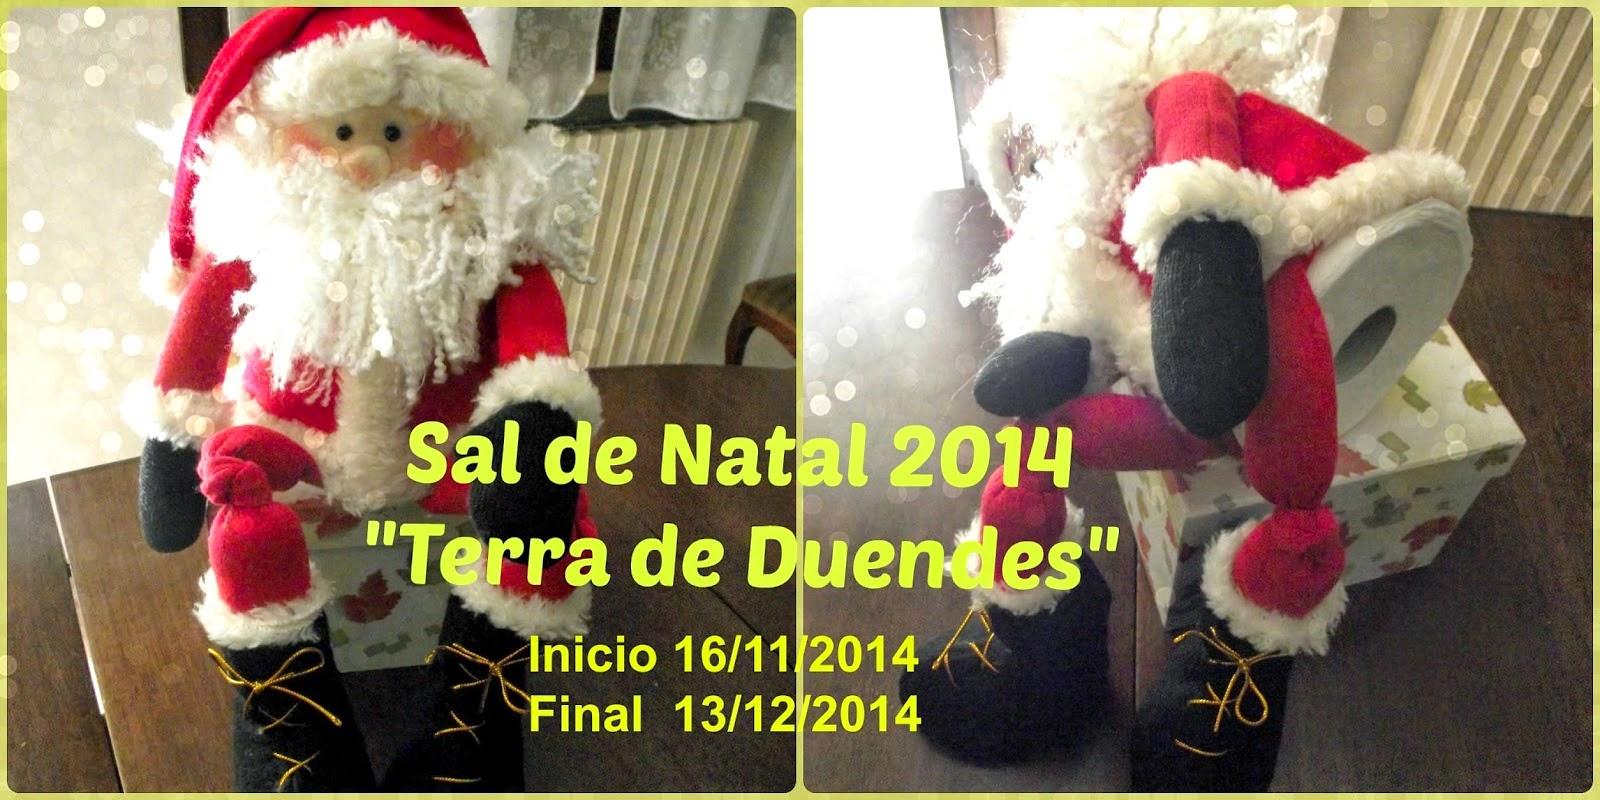 SAL DE NATAL 2014